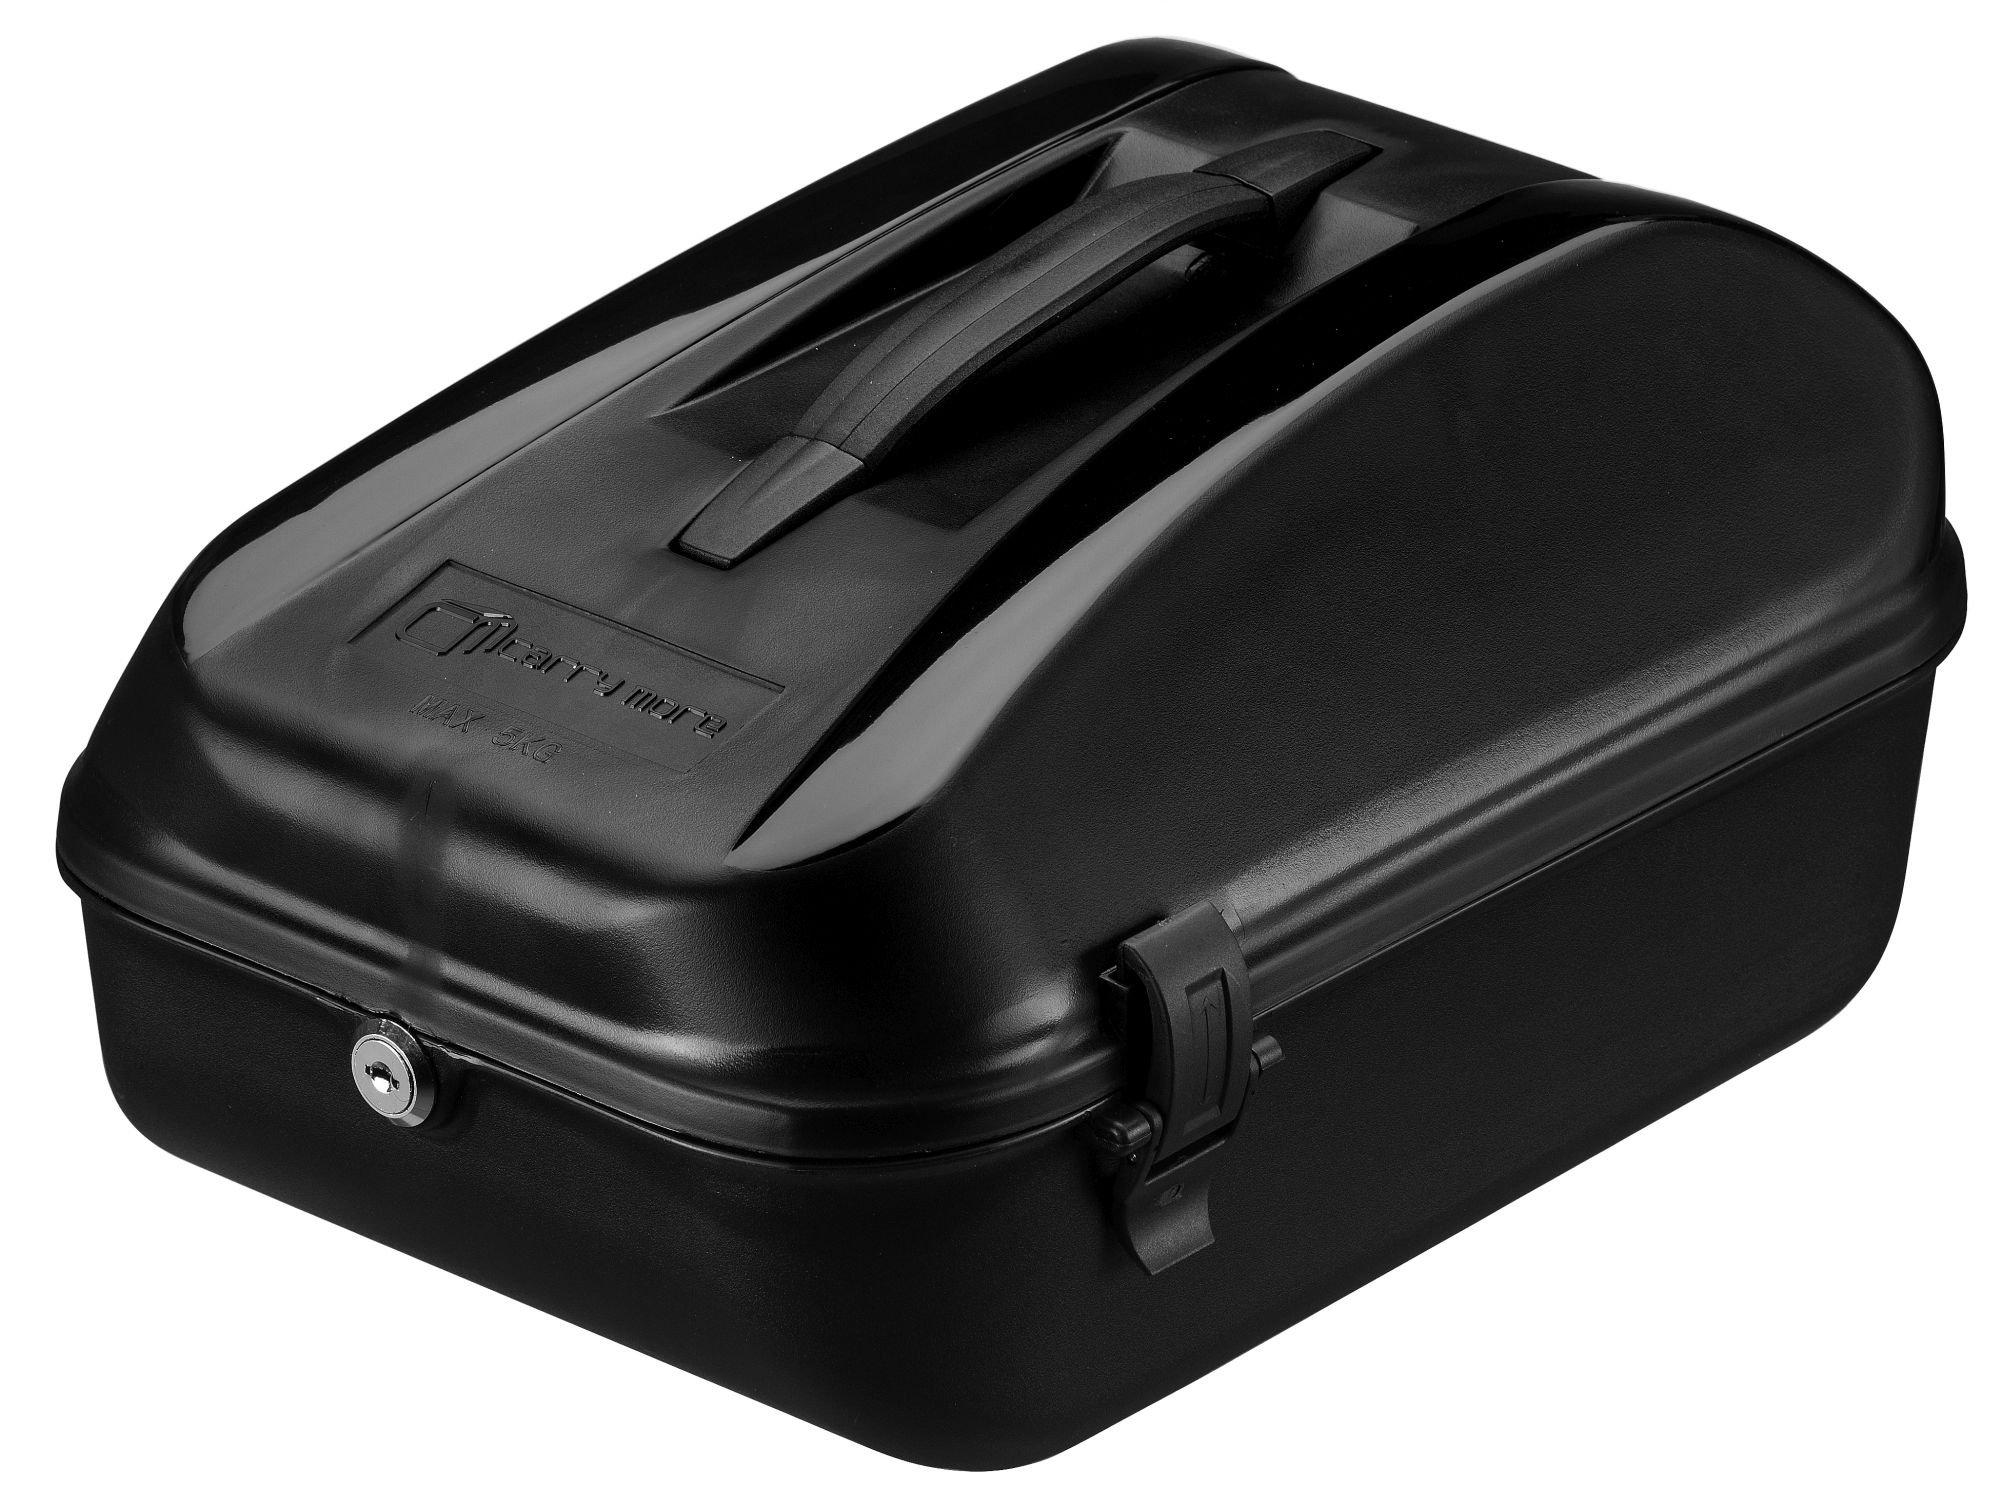 hinterradkörbe/Koffer & Körbe: Carrymore  Box für Systemgepäckträger i-Rack II i-Rack 2 Box